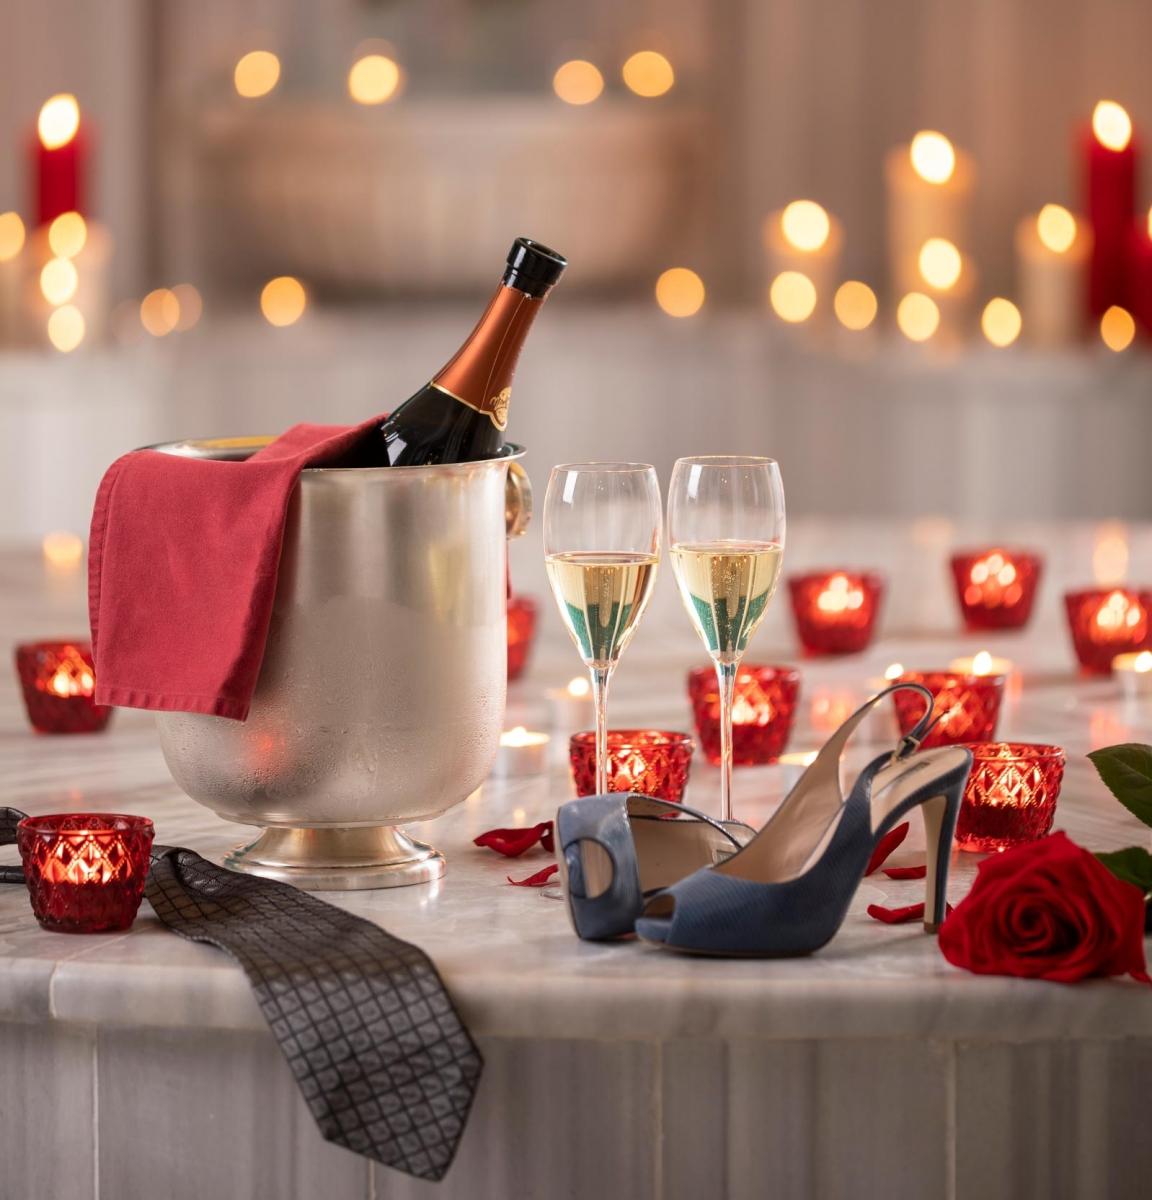 hamam_valentinesday_amadechateau.jpg